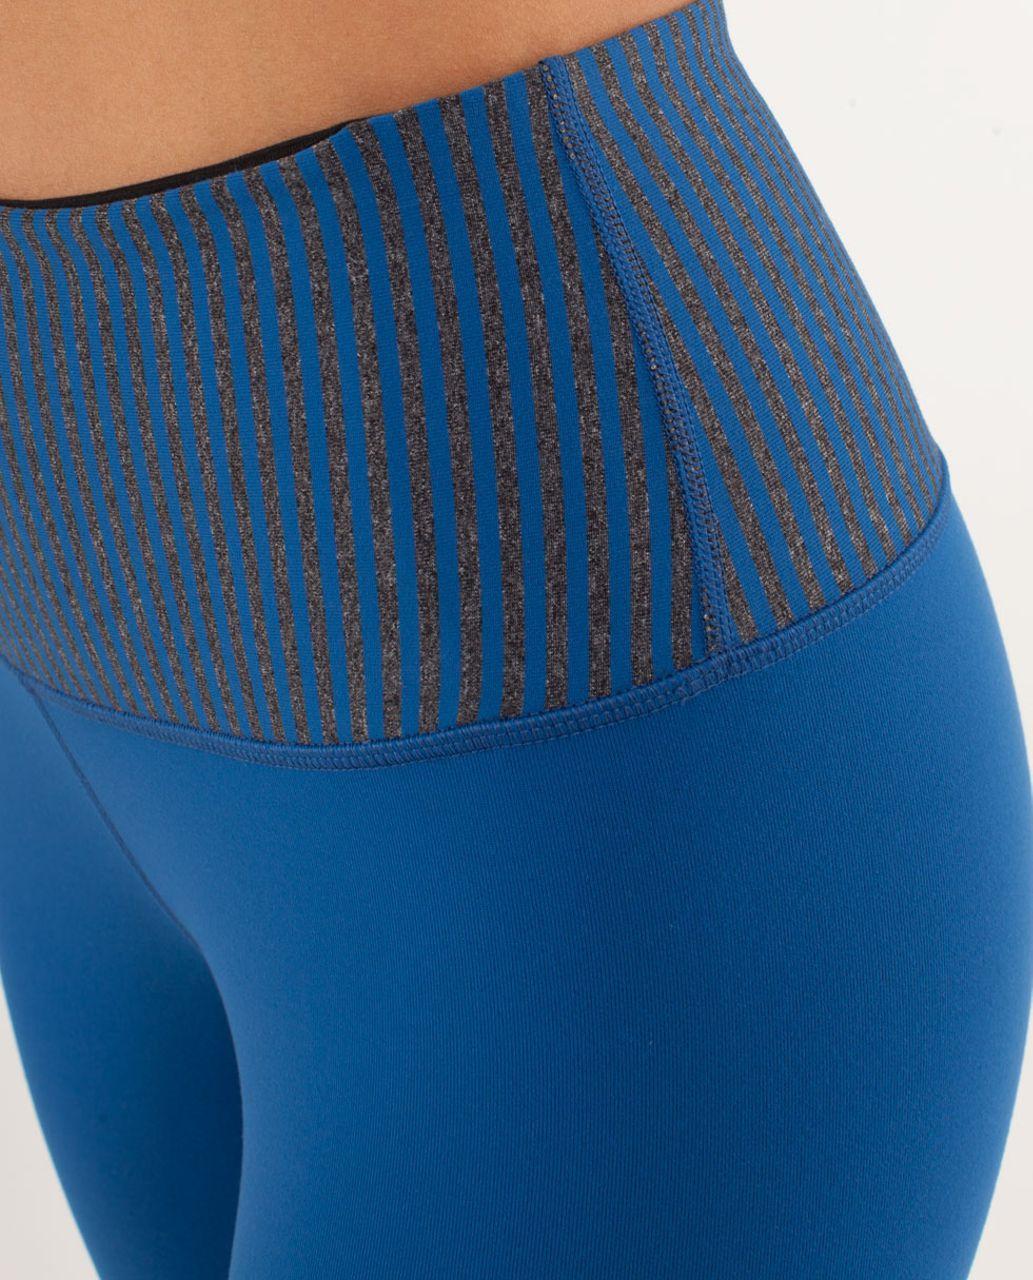 Lululemon Wunder Under Pant *High Rise - Limitless Blue / Slope Stripe Limitless Blue / Black